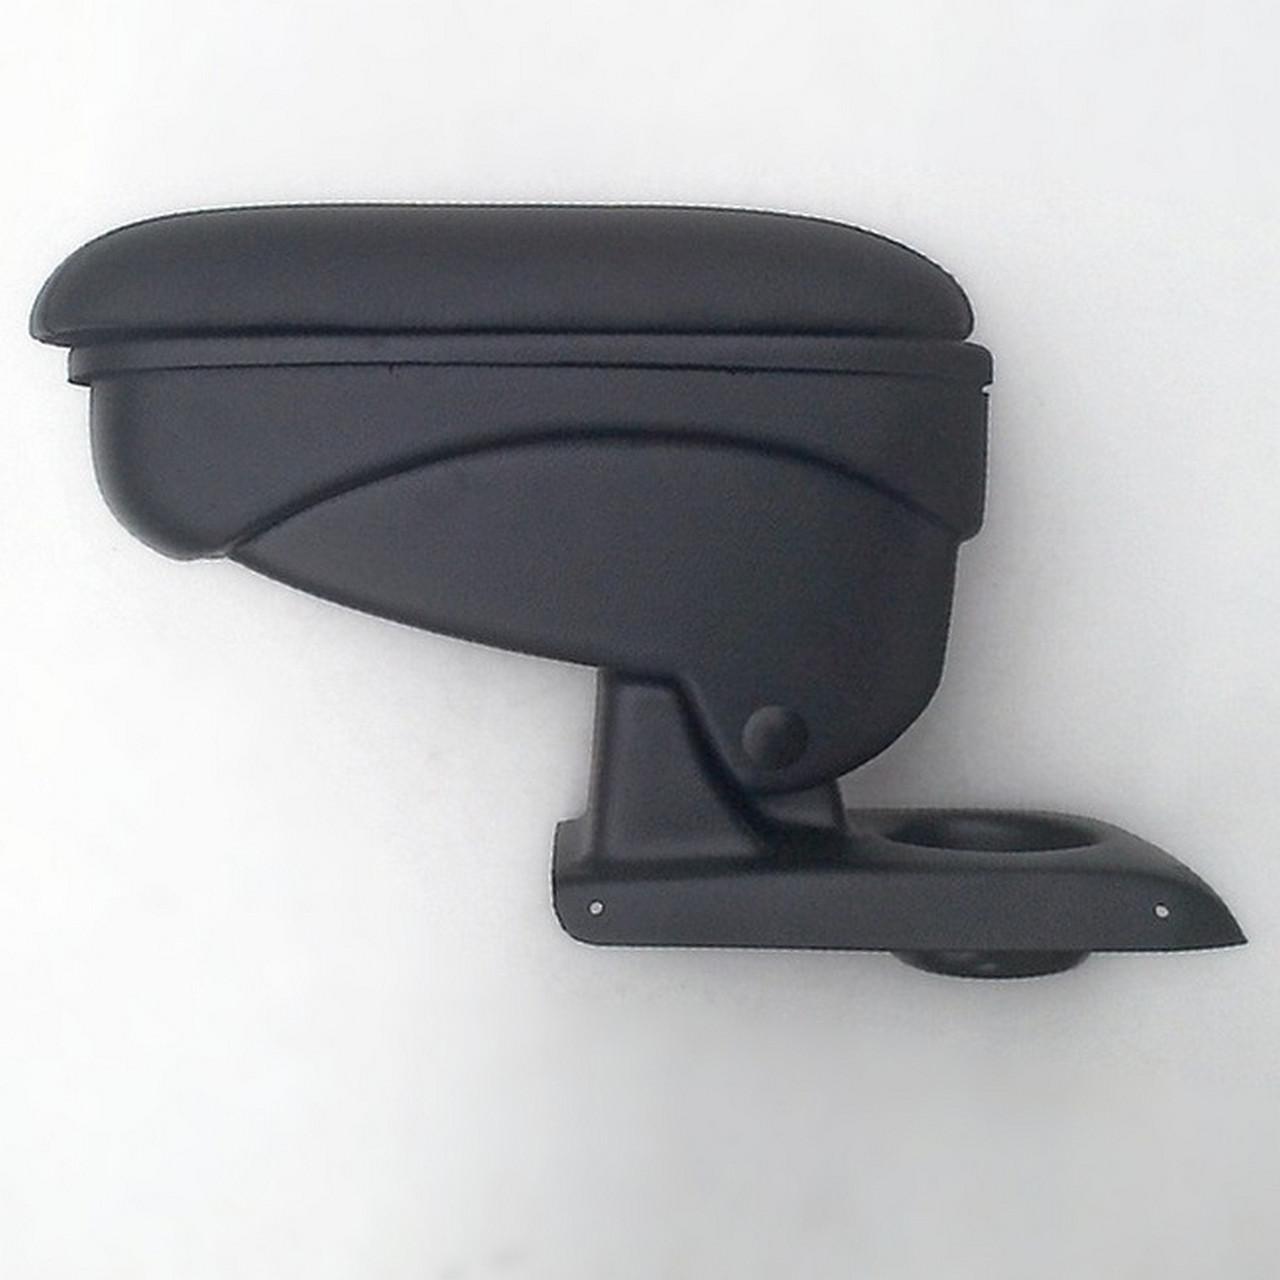 Подлокотник Armcik S1 со сдвижной крышкой для Nissan Tiida С11 2004-2012